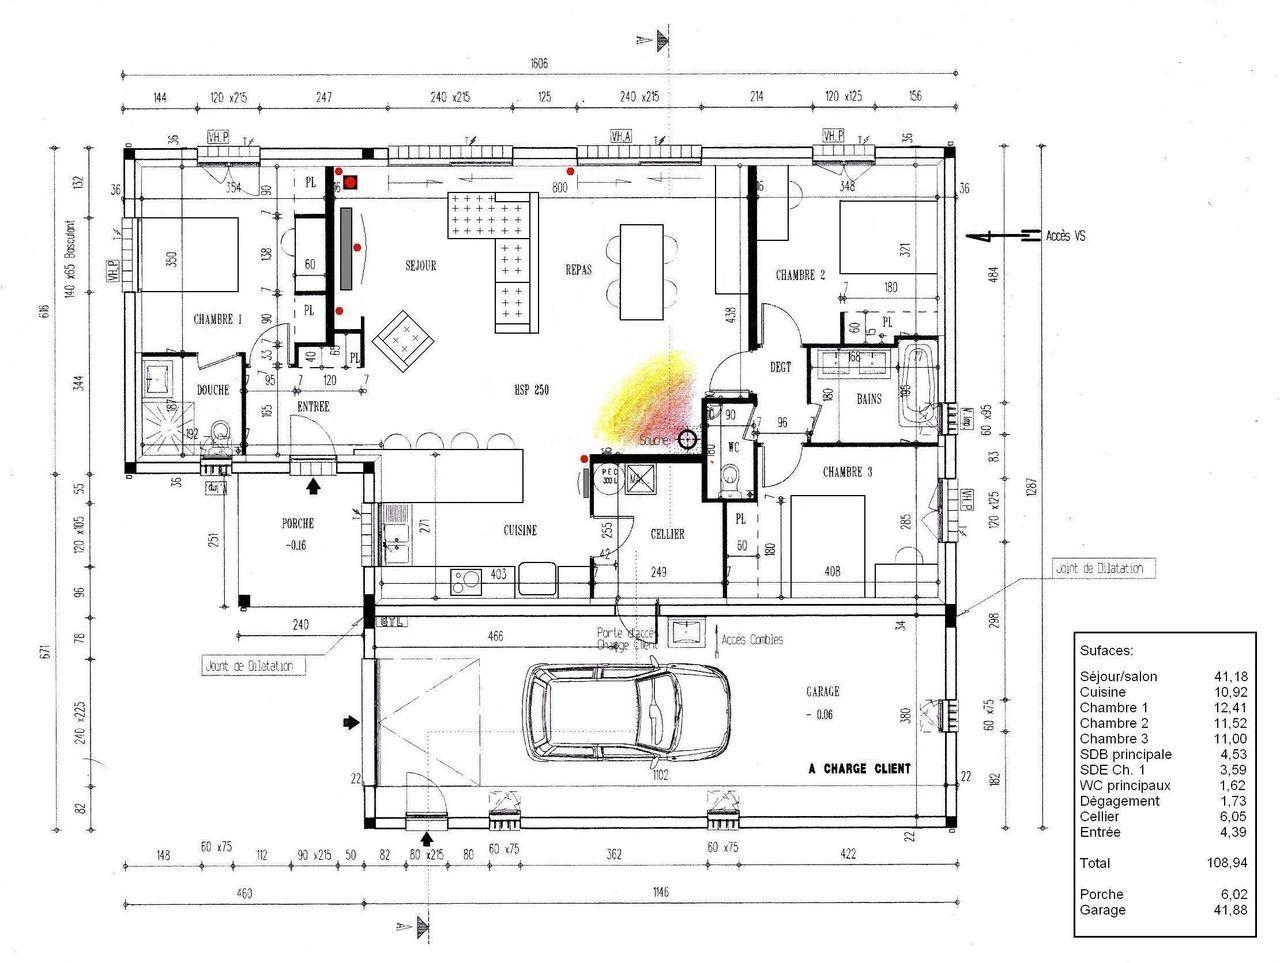 Votre avis sur mon plan plain pied 4 chambres 41 - Plan plain pied 4 chambres ...